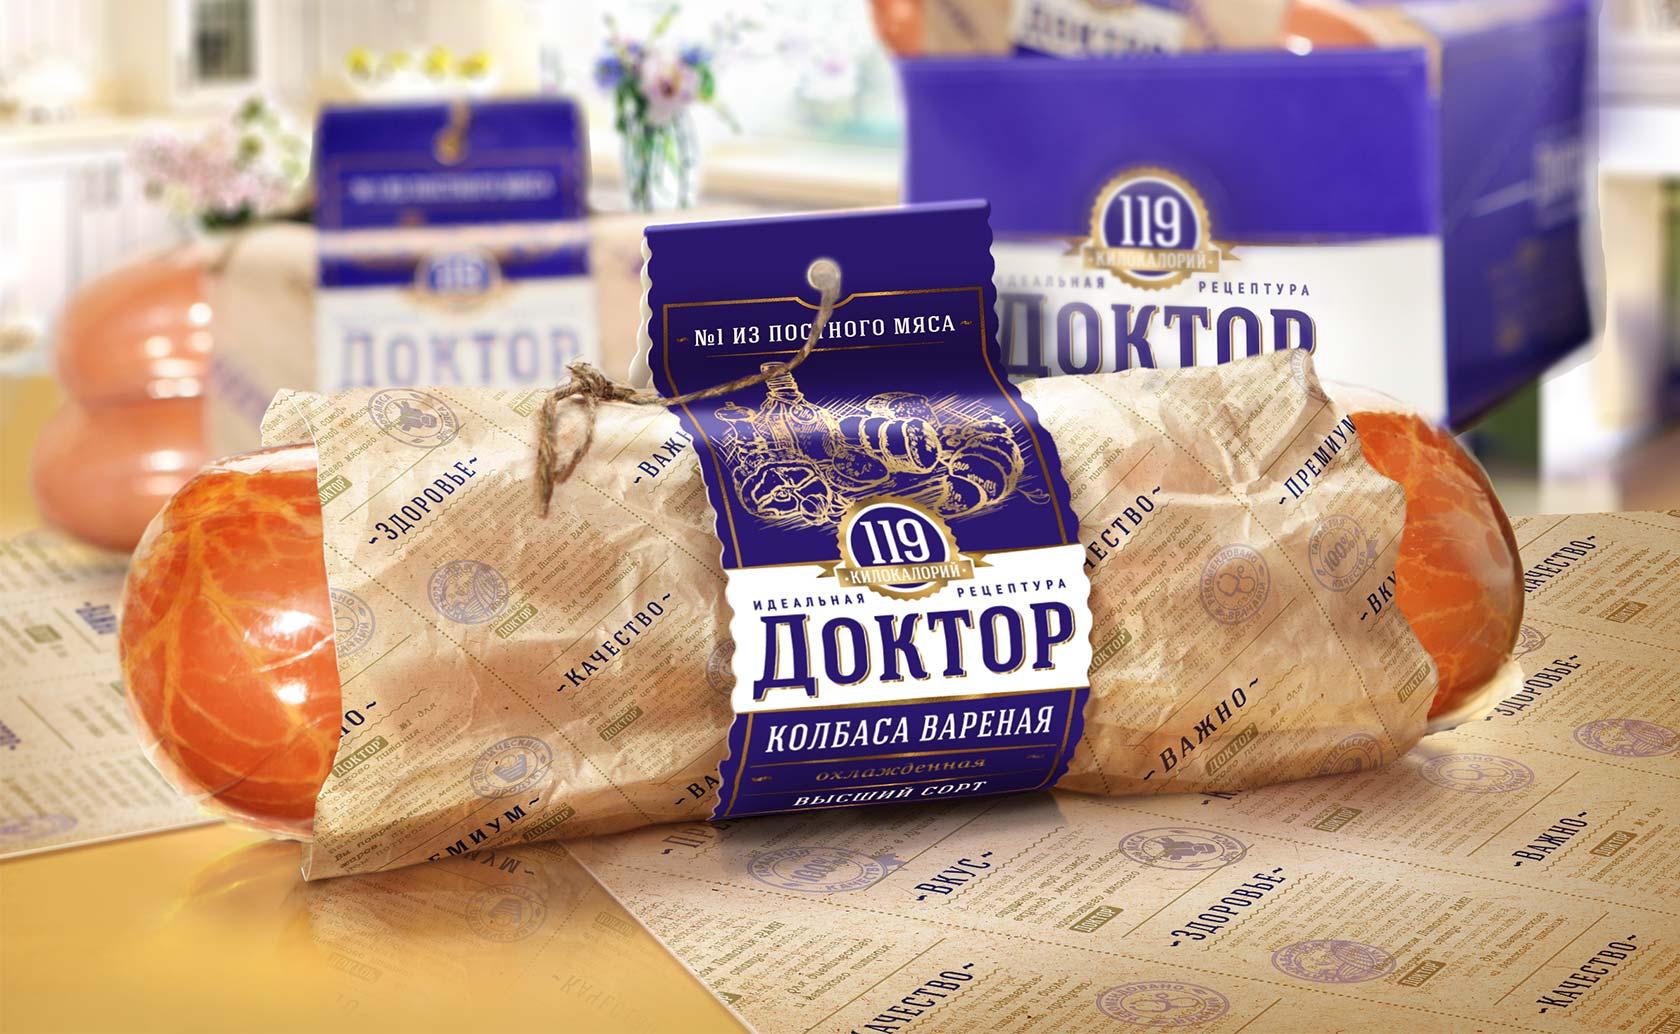 Дизайн упаковки вареной колбасы Доктор - Москва